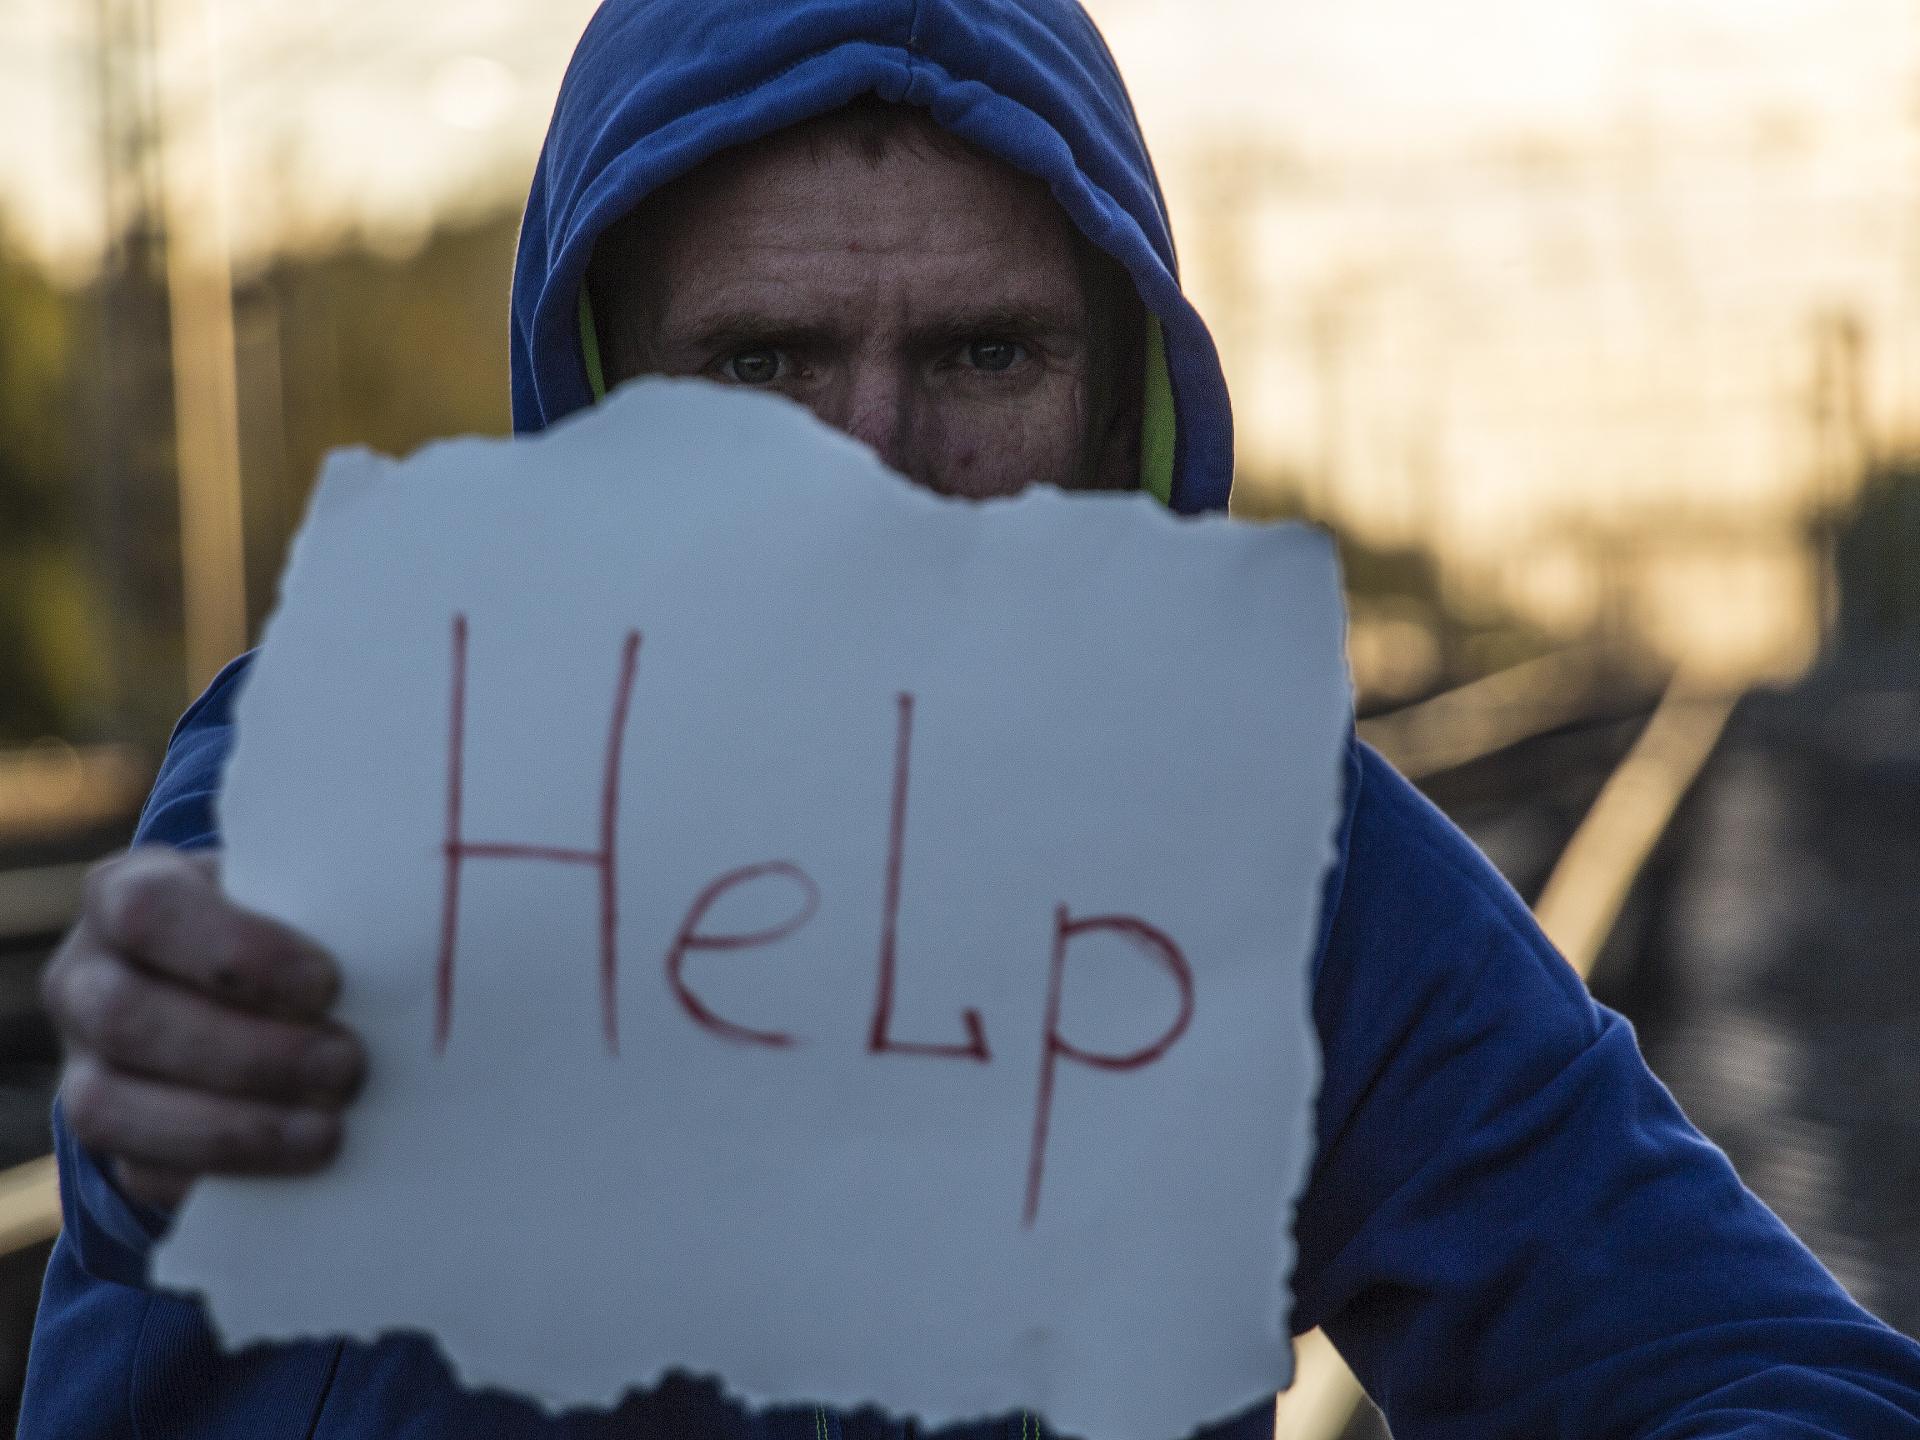 Für viele von uns ist es schwer, uns zu öffnen, uns einzugestehen, dass es uns nicht gut geht, und um Hilfe zu bitten. - Photocredit: pixabay.com/rebcenter-moscow